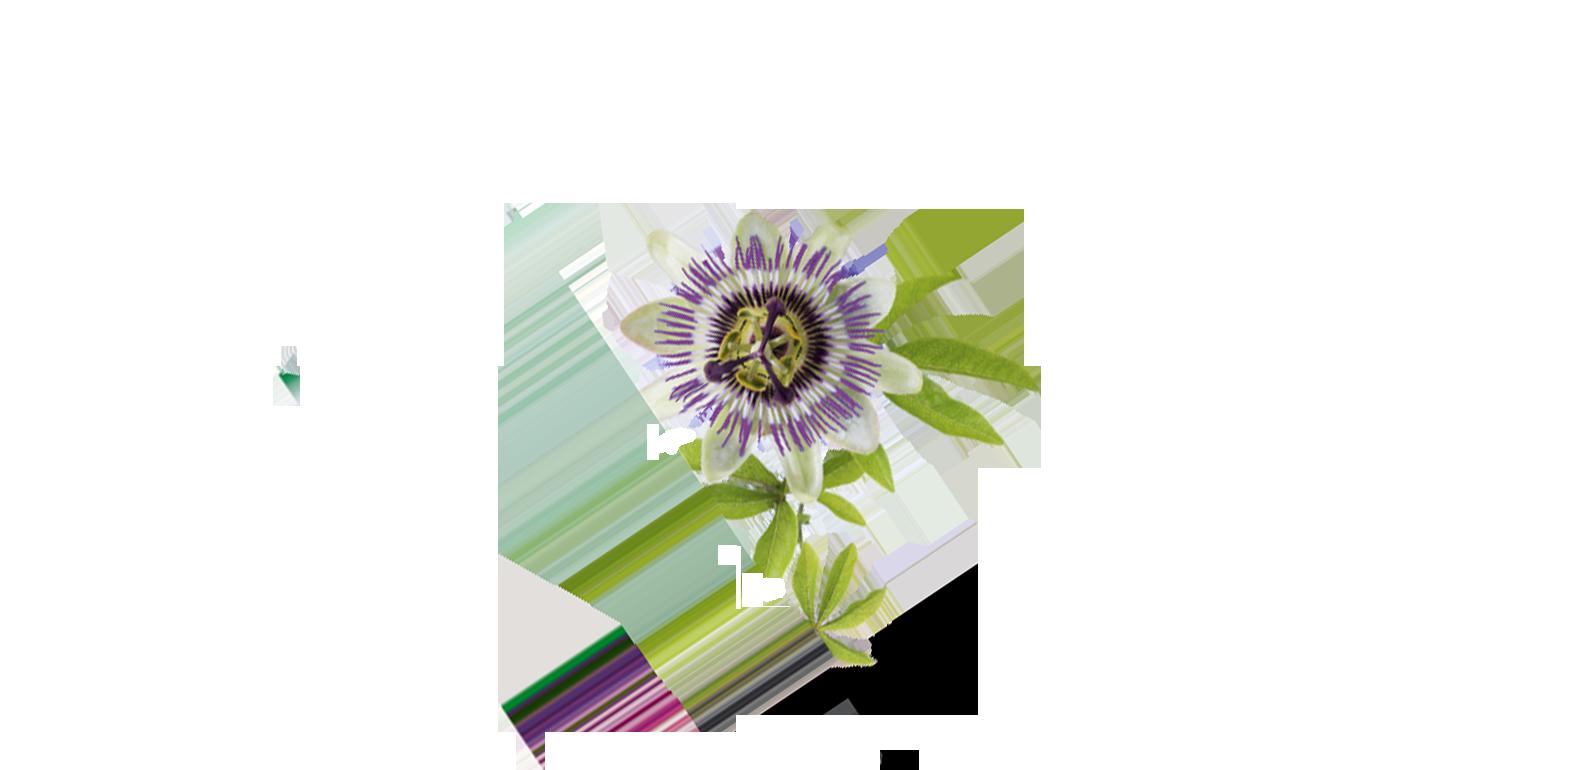 Passiflore - Passiflora incarnata - Fleur de passion